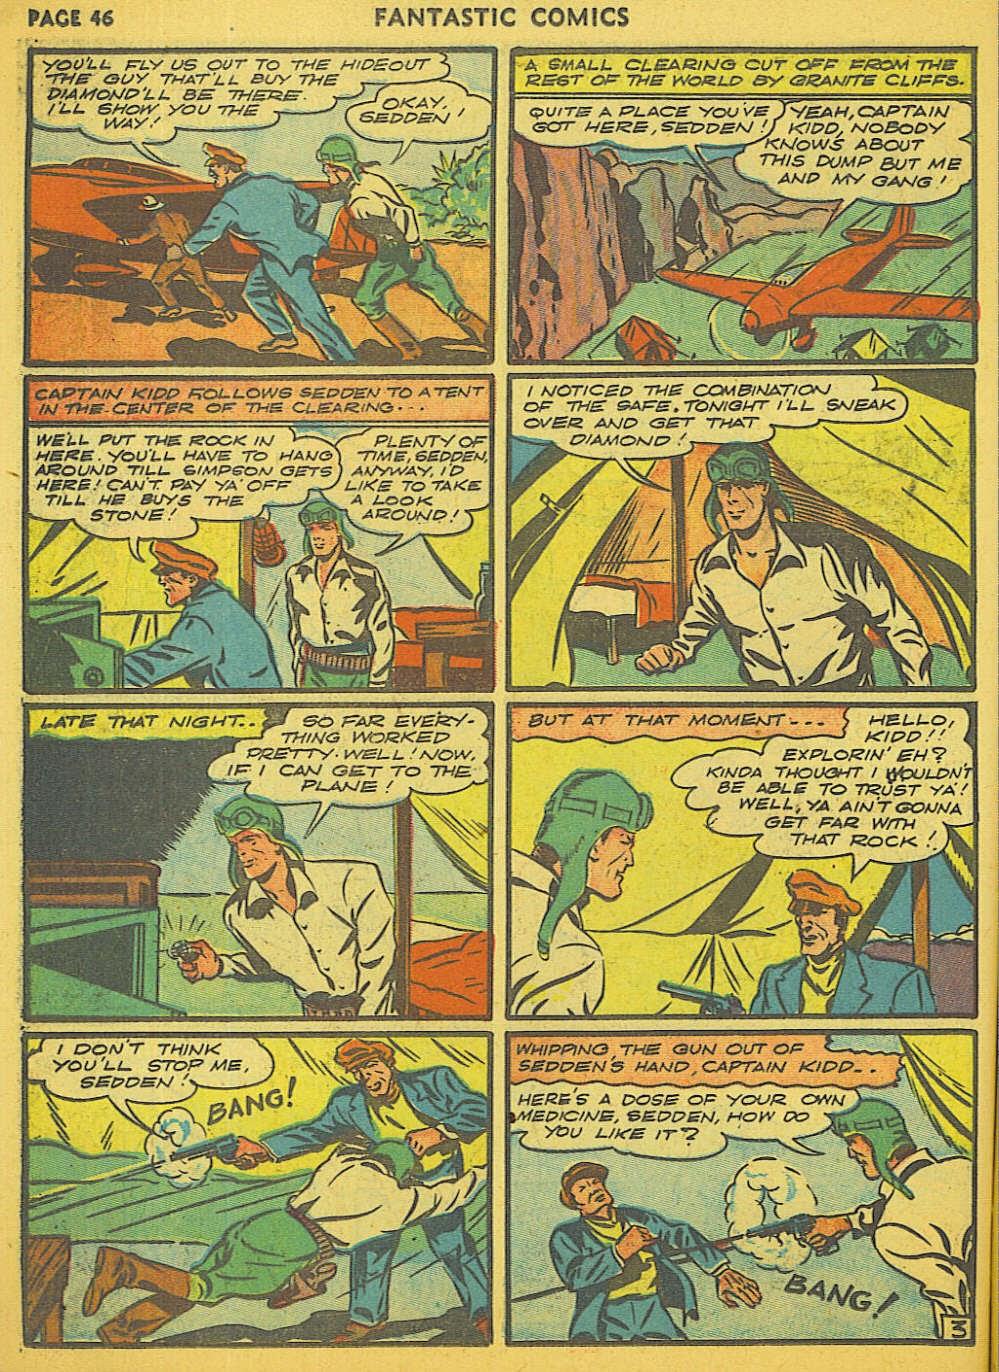 Read online Fantastic Comics comic -  Issue #15 - 40